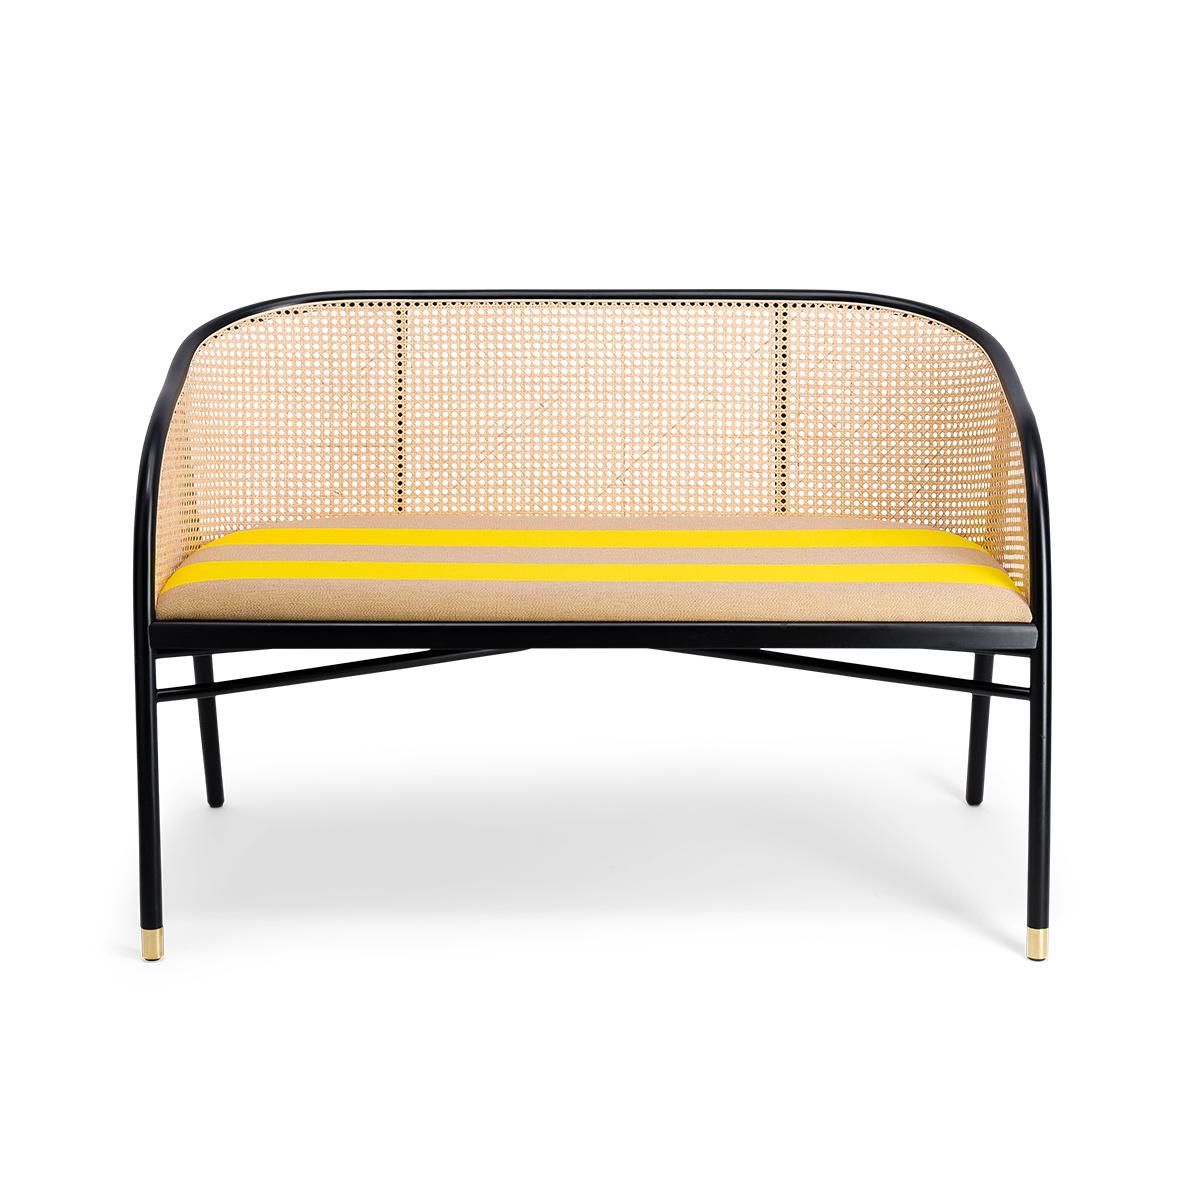 Banquette Cavallo noire Kvadrat/Raf Simons jaune